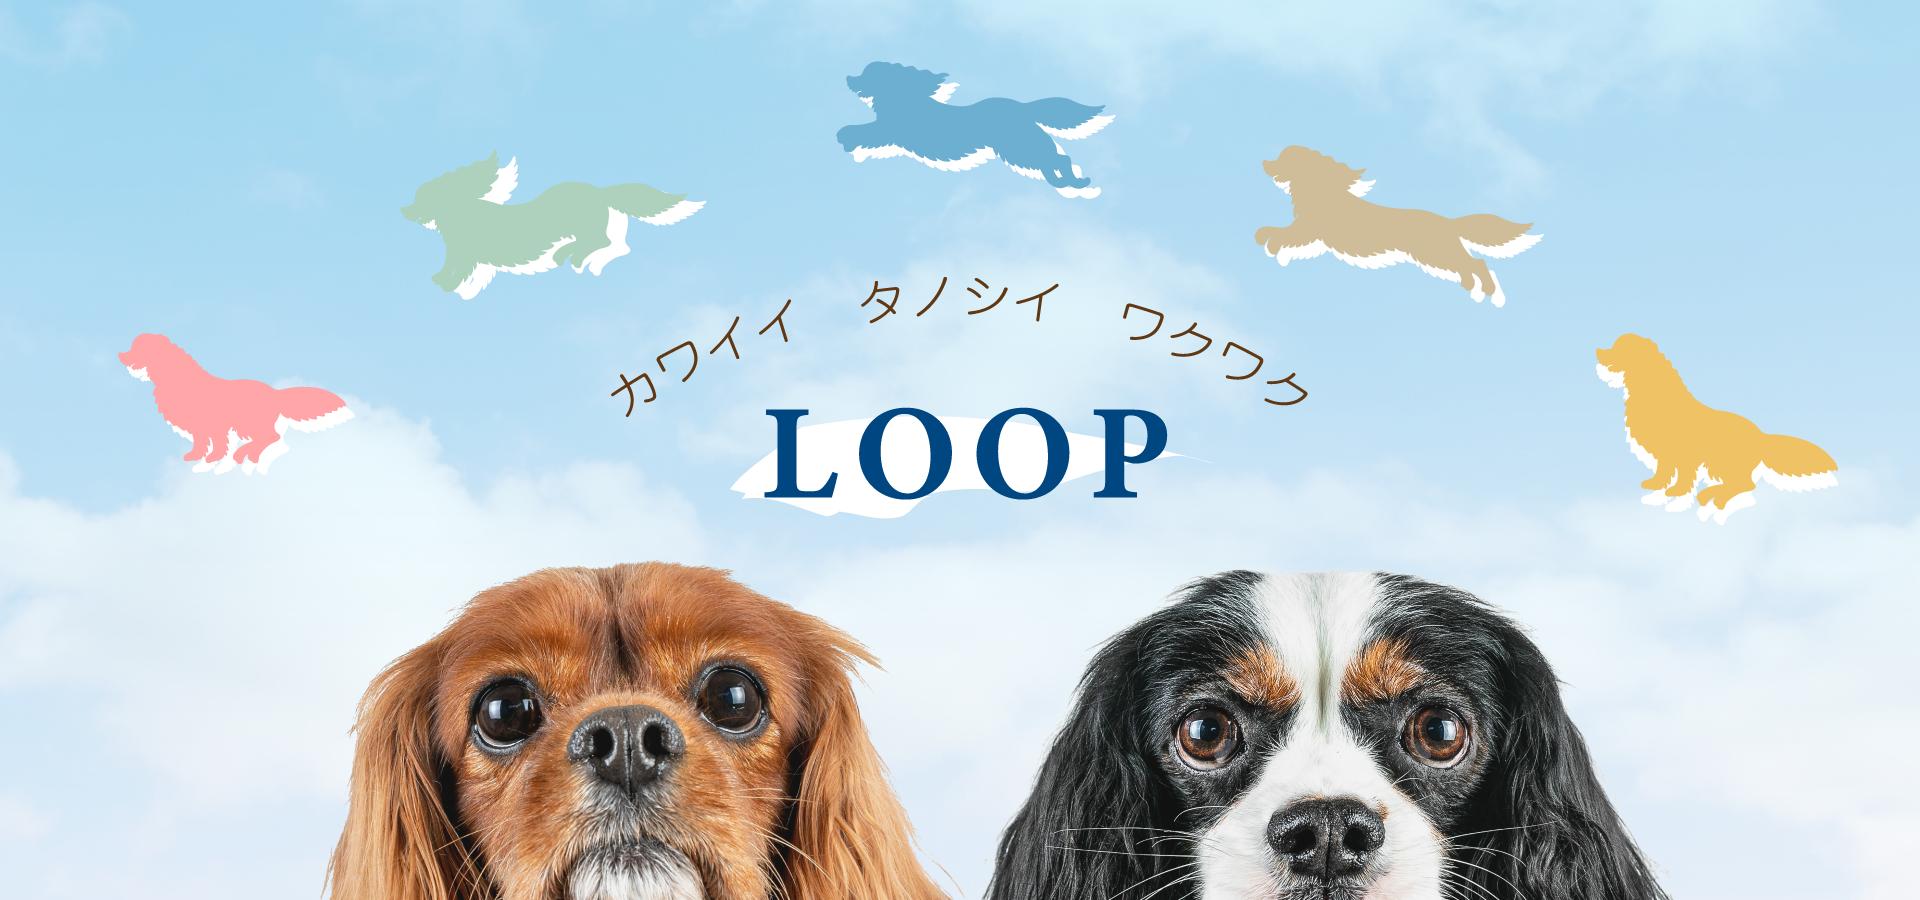 埼玉県鳩山町の雑貨店LOOPのイメージ画像